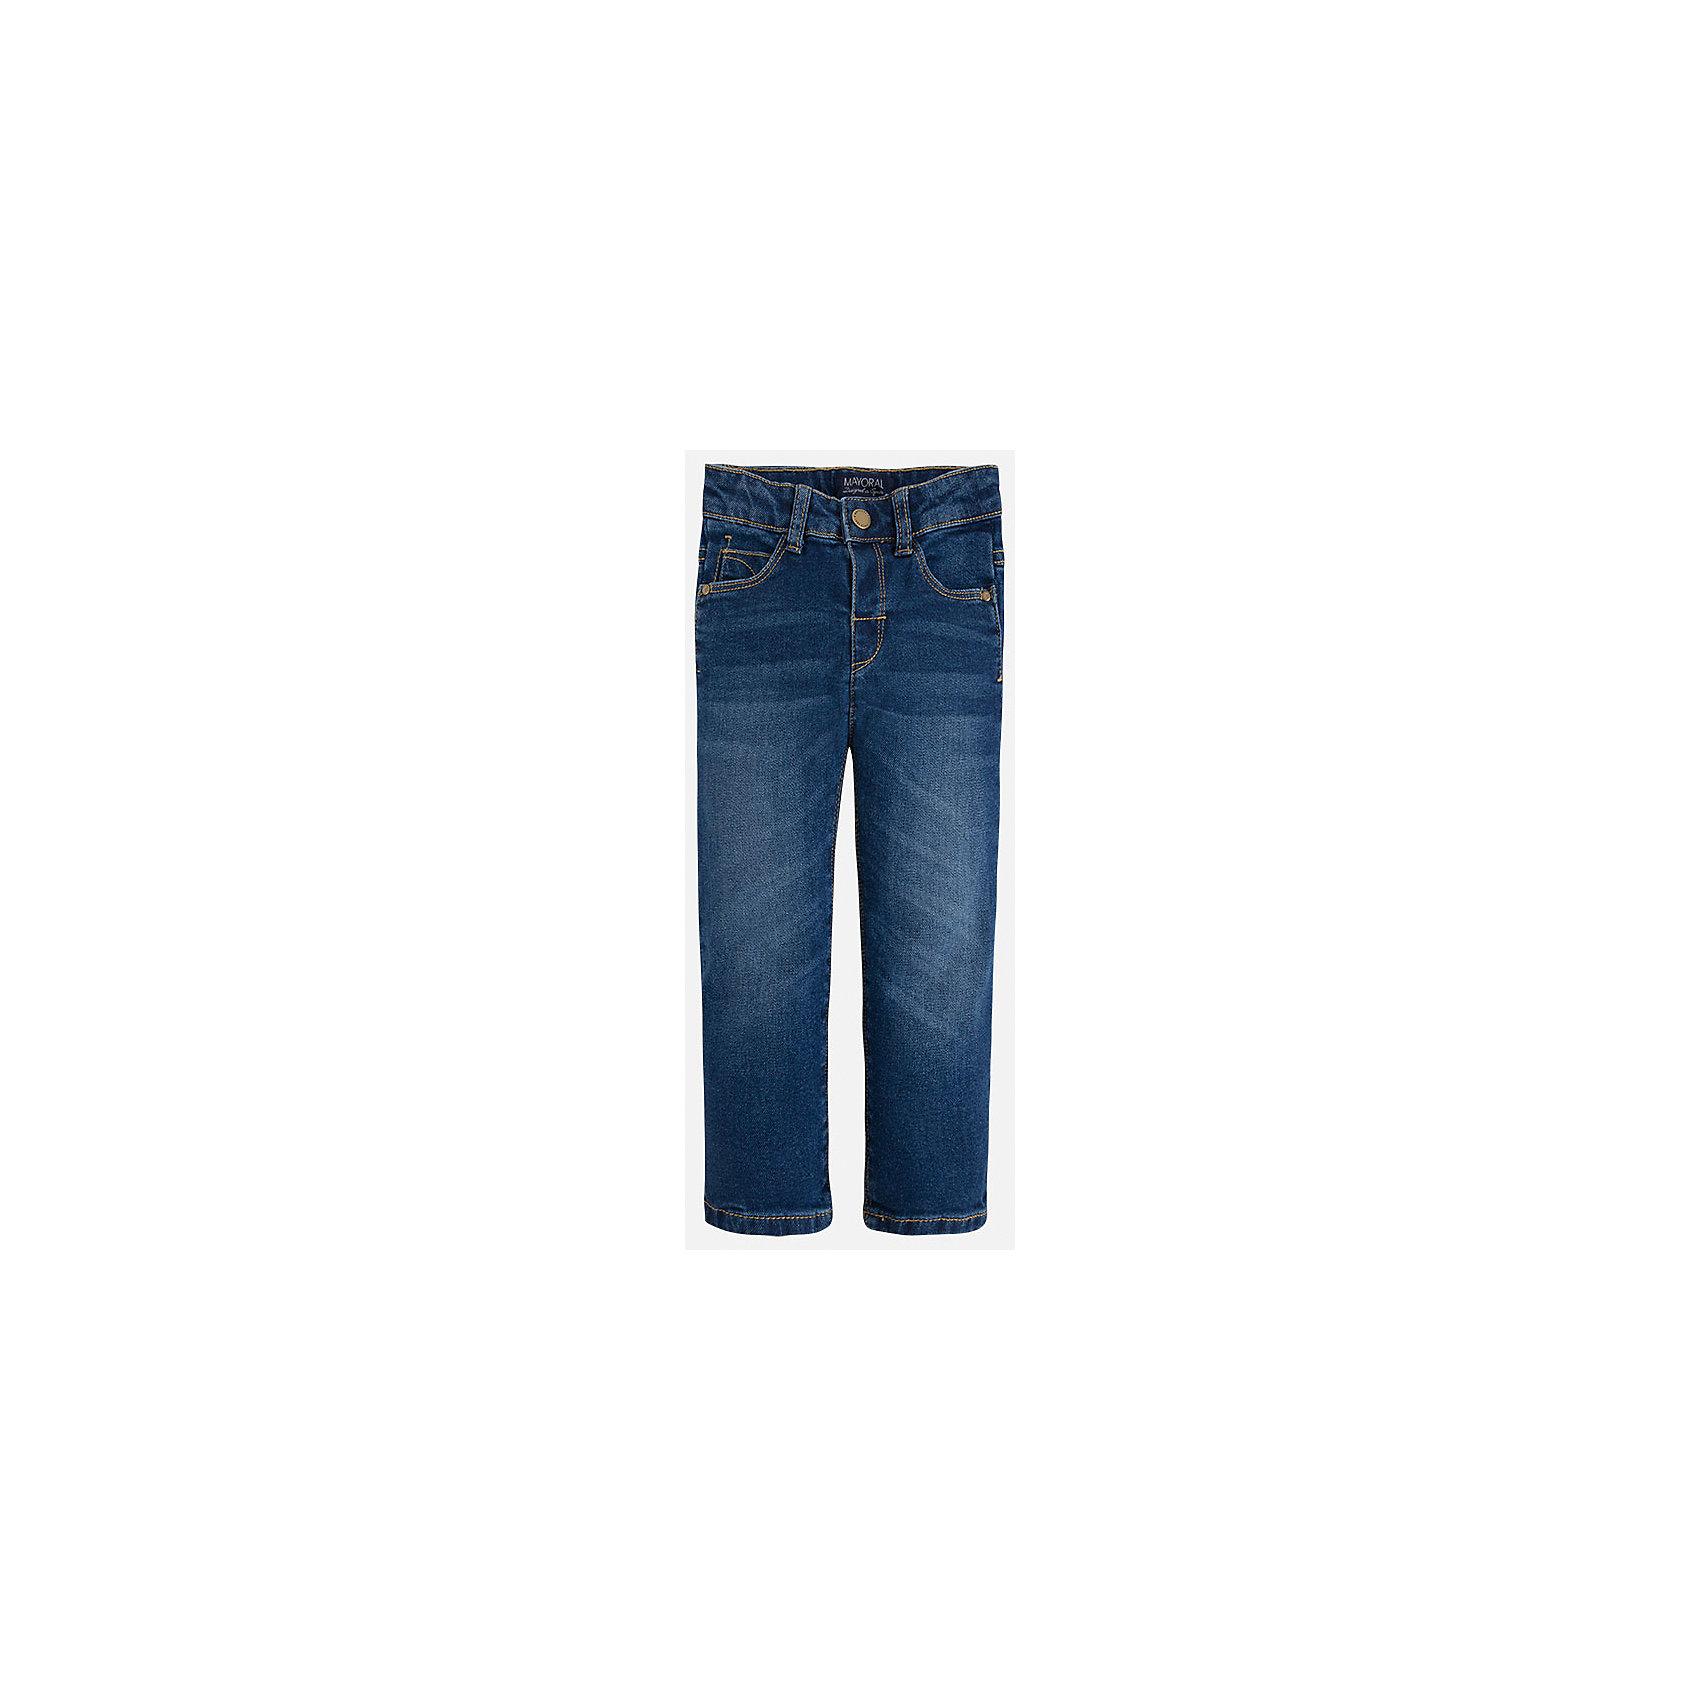 Джинсы для мальчика MayoralДжинсы<br>Классический джинсы - это неотъемлемый атрибут в гардеробе мальчишки!<br><br>Дополнительная информация:<br><br>- Крой: Regular Fit.<br>- Страна бренда: Испания.<br>- Состав: хлопок 98%, эластан 2%.<br>- Цвет: темно-синий.<br>- Уход: бережная стирка при 30 градусах.<br><br>Купить брюки для мальчика Mayoral можно в нашем магазине.<br><br>Ширина мм: 215<br>Глубина мм: 88<br>Высота мм: 191<br>Вес г: 336<br>Цвет: синий<br>Возраст от месяцев: 18<br>Возраст до месяцев: 24<br>Пол: Мужской<br>Возраст: Детский<br>Размер: 92,134,122,98,104,110,116,128<br>SKU: 4821748